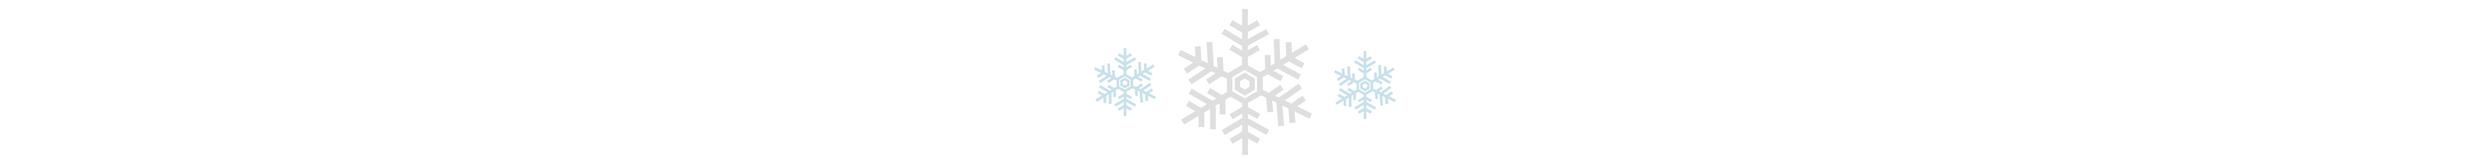 SNOWBALL SNOWFLAKE DIVIDER 1.png